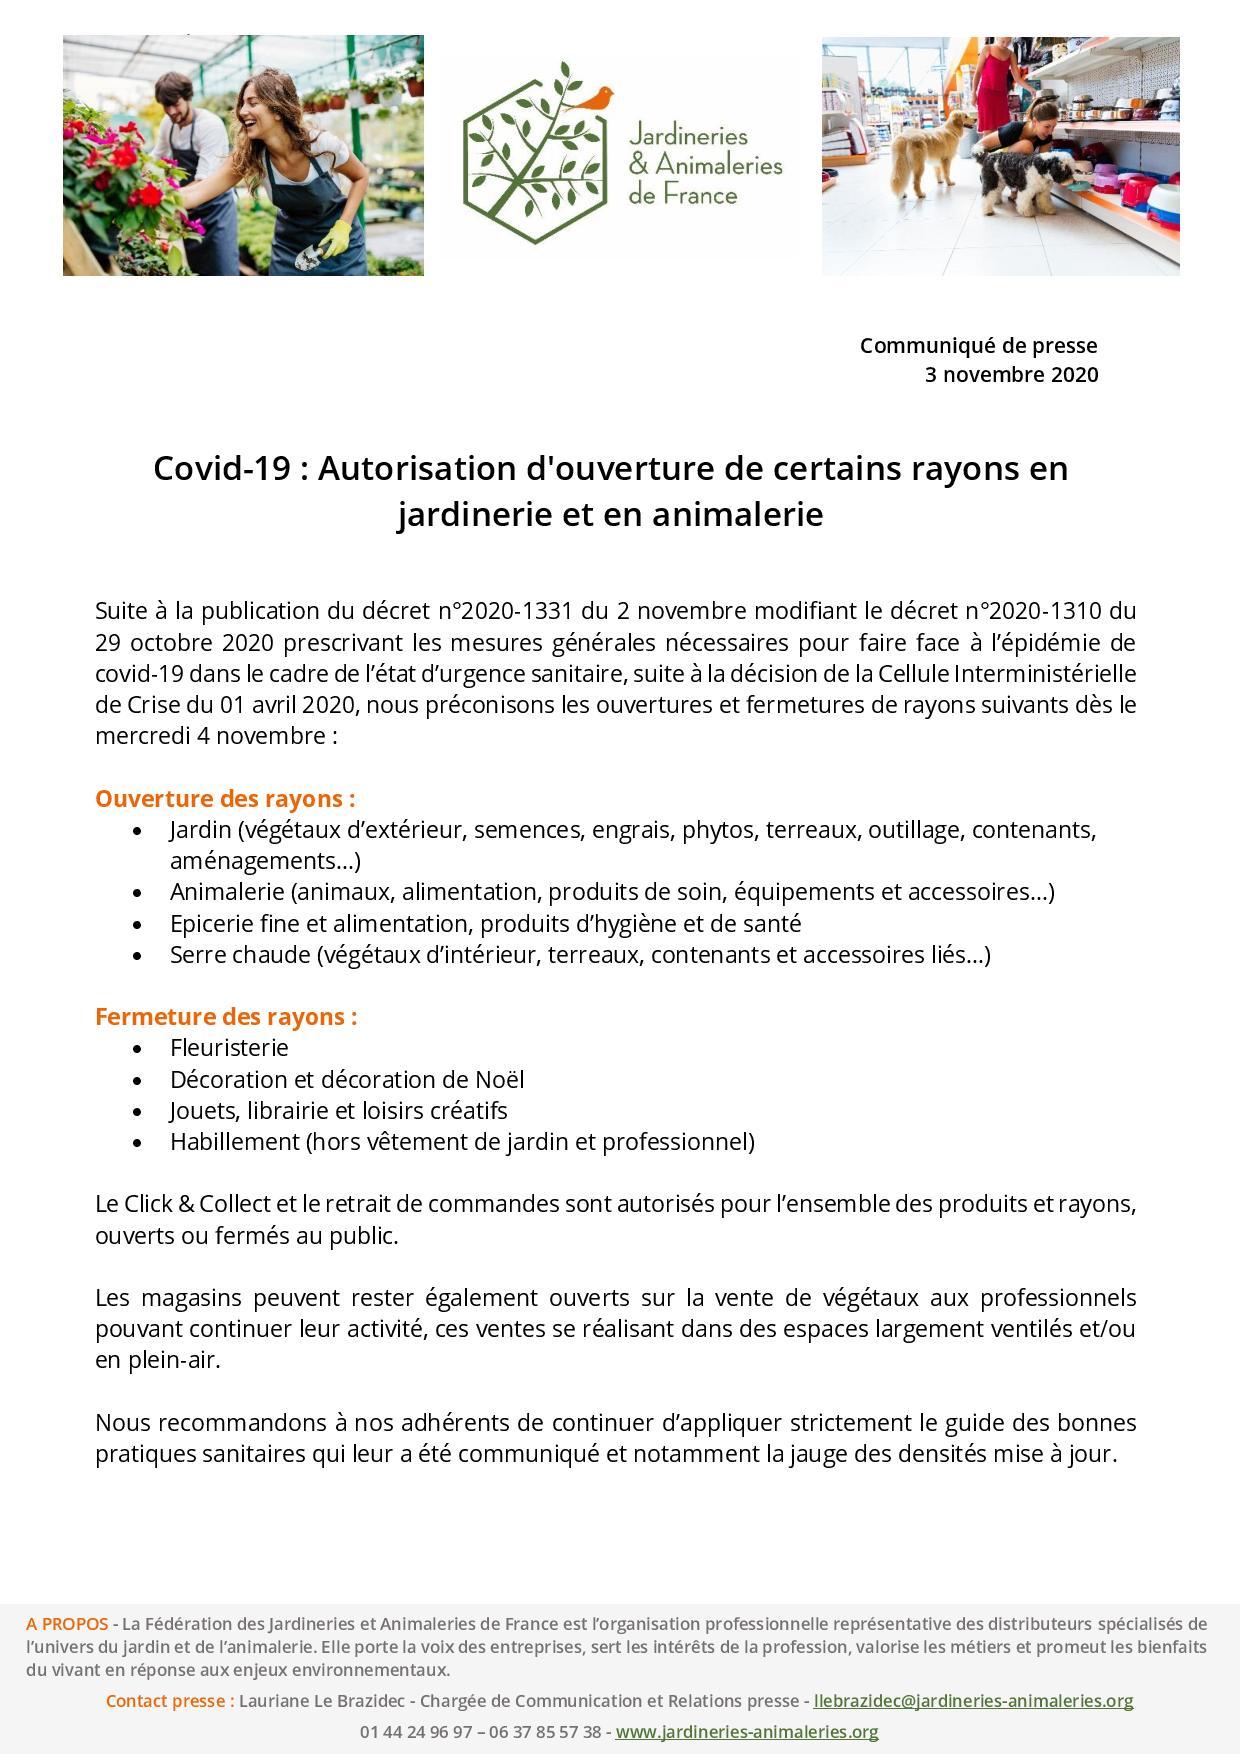 Communiqué des Jardineries & Animaleries de France